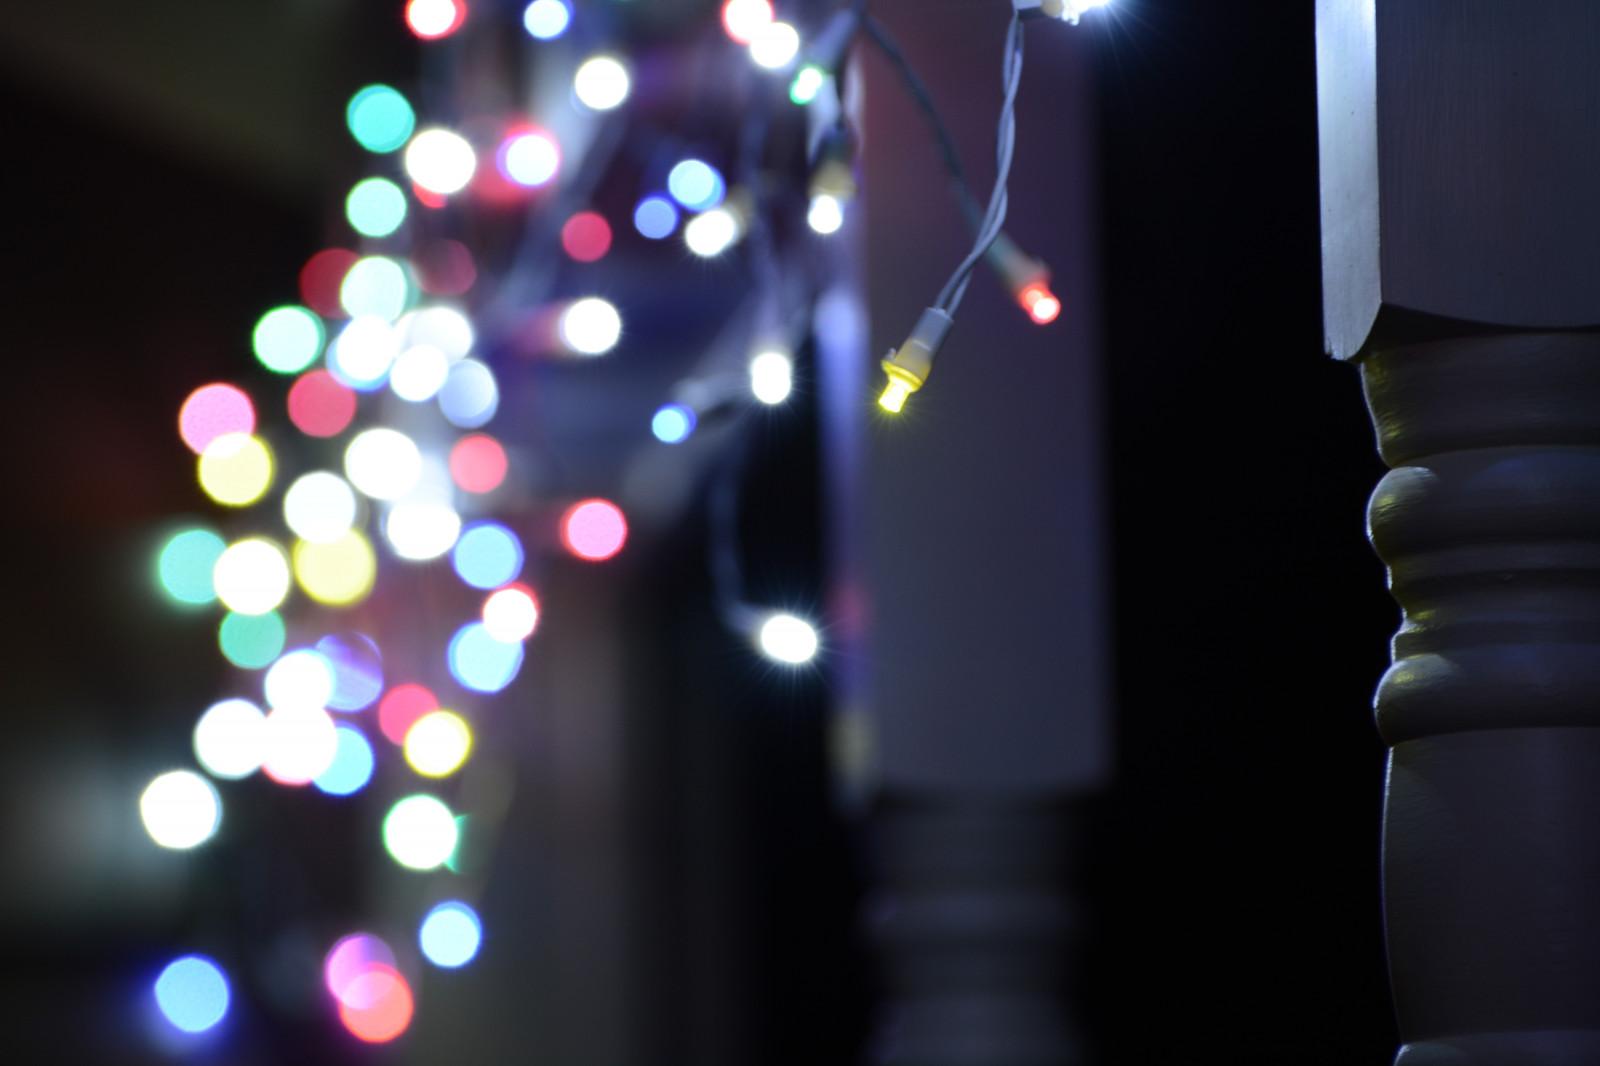 Sfondi Natalizi Luminosi.Sfondi Notte Rosso Verde Blu Vacanza Luci Di Natale